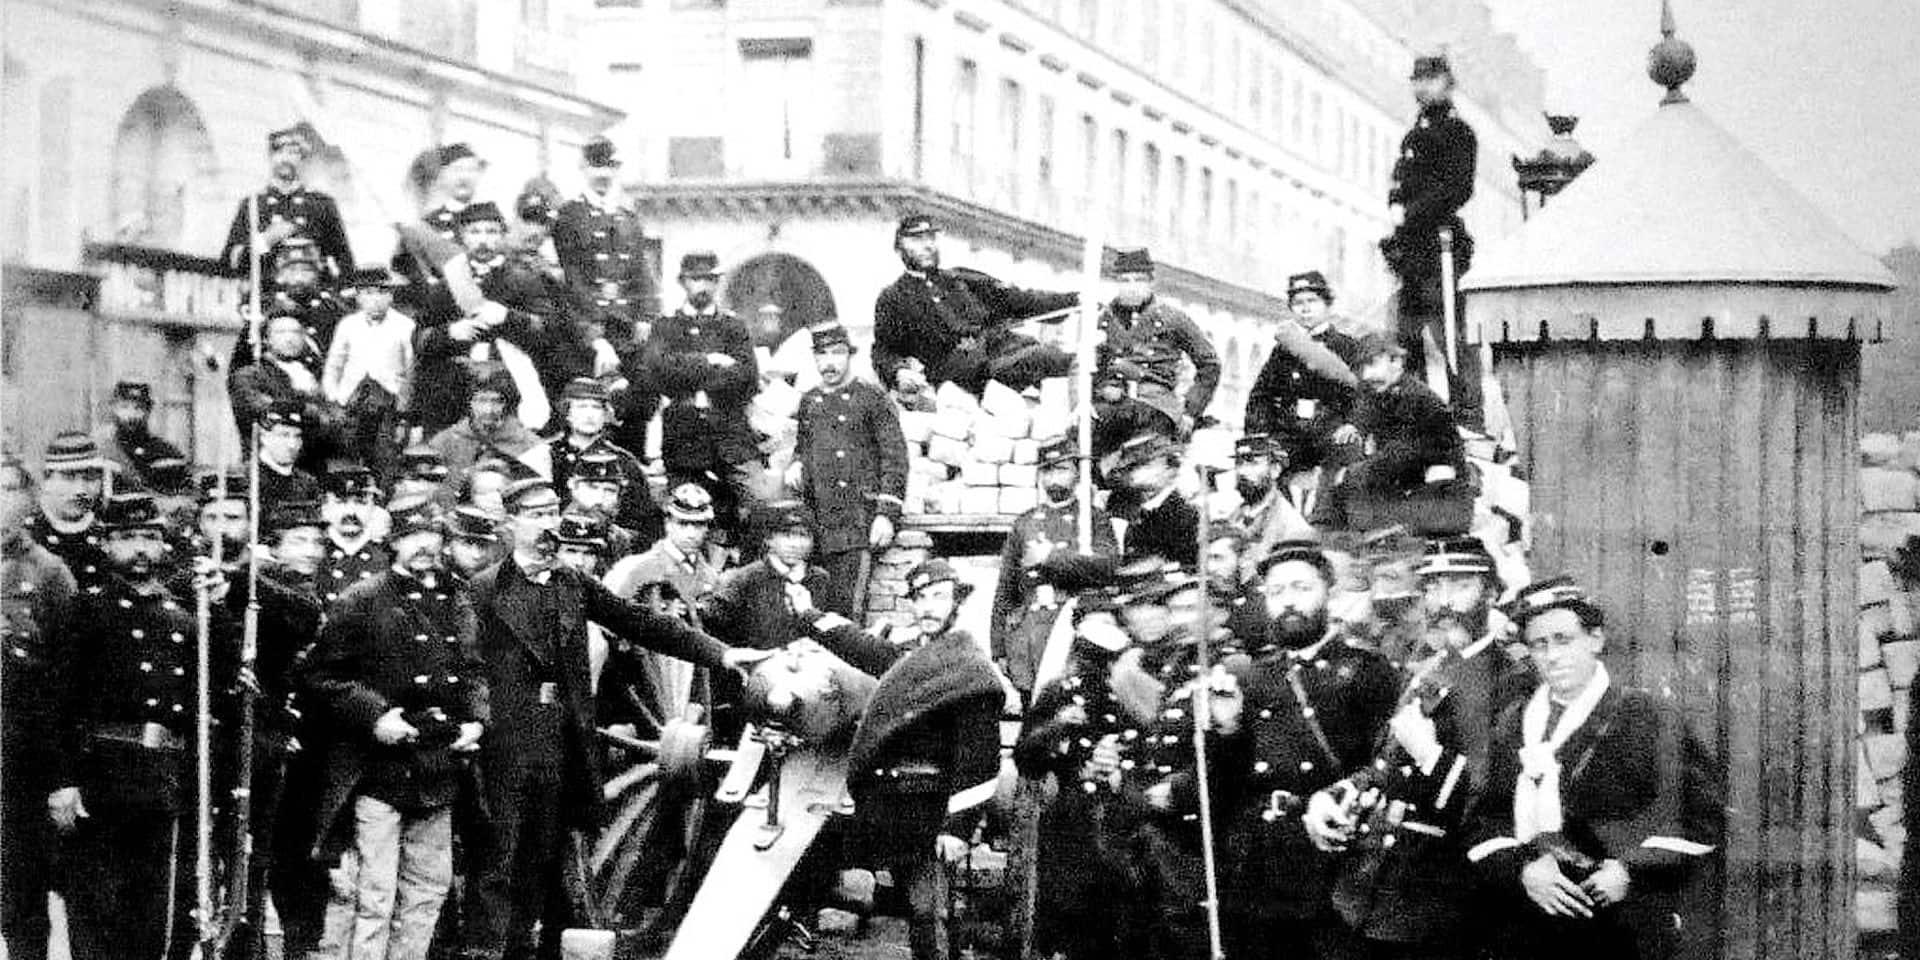 Il y a 150 ans : Paris entrait en guerre contre… la France